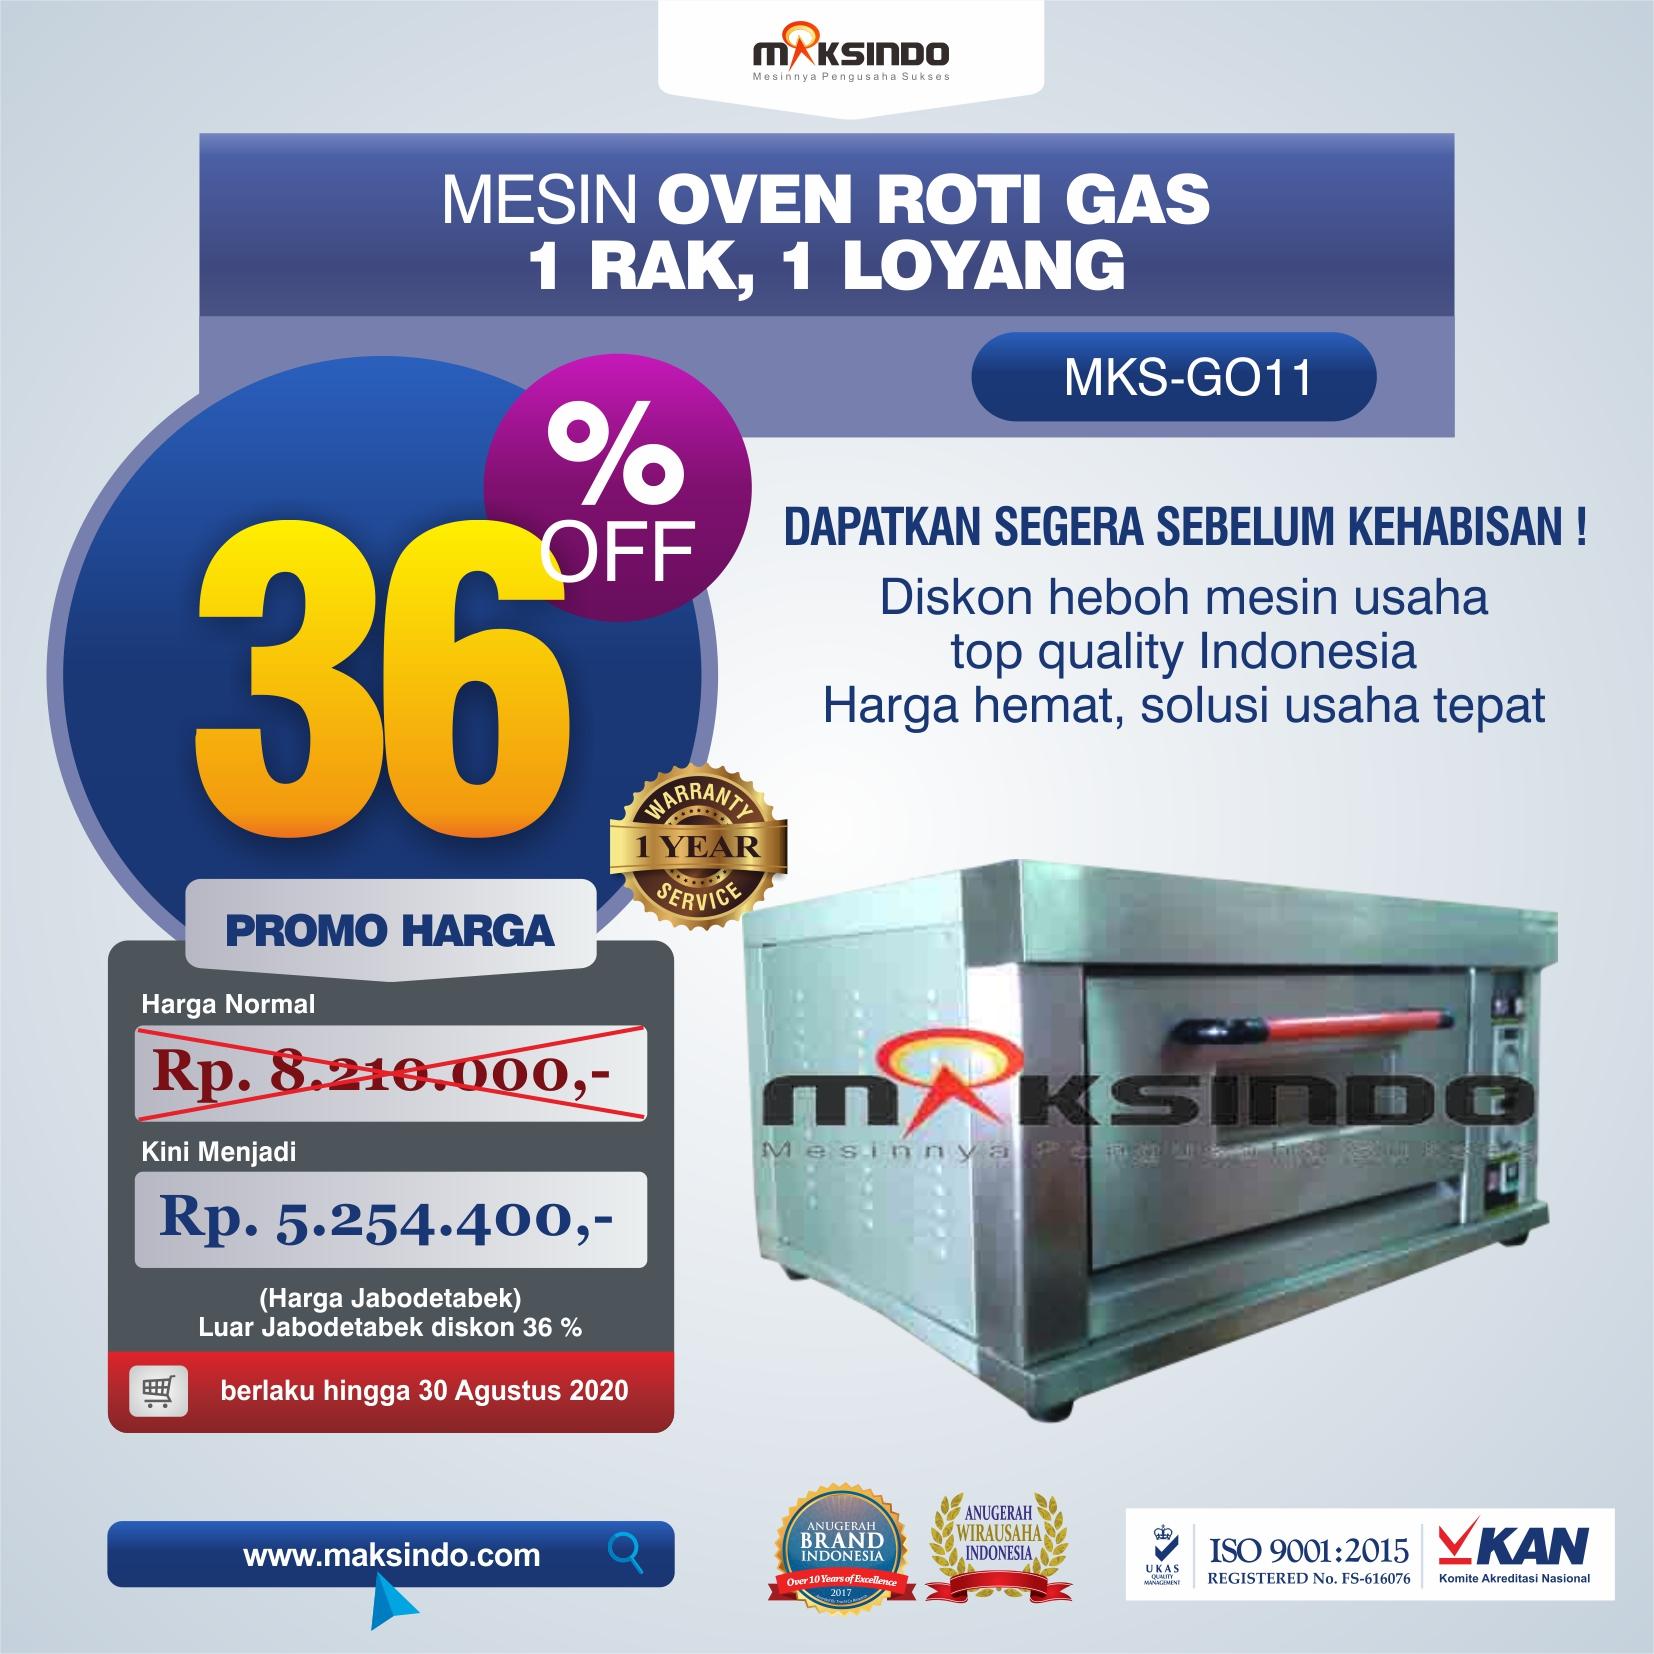 Jual Mesin Oven Roti Gas (MKS-GO11) di Bogor